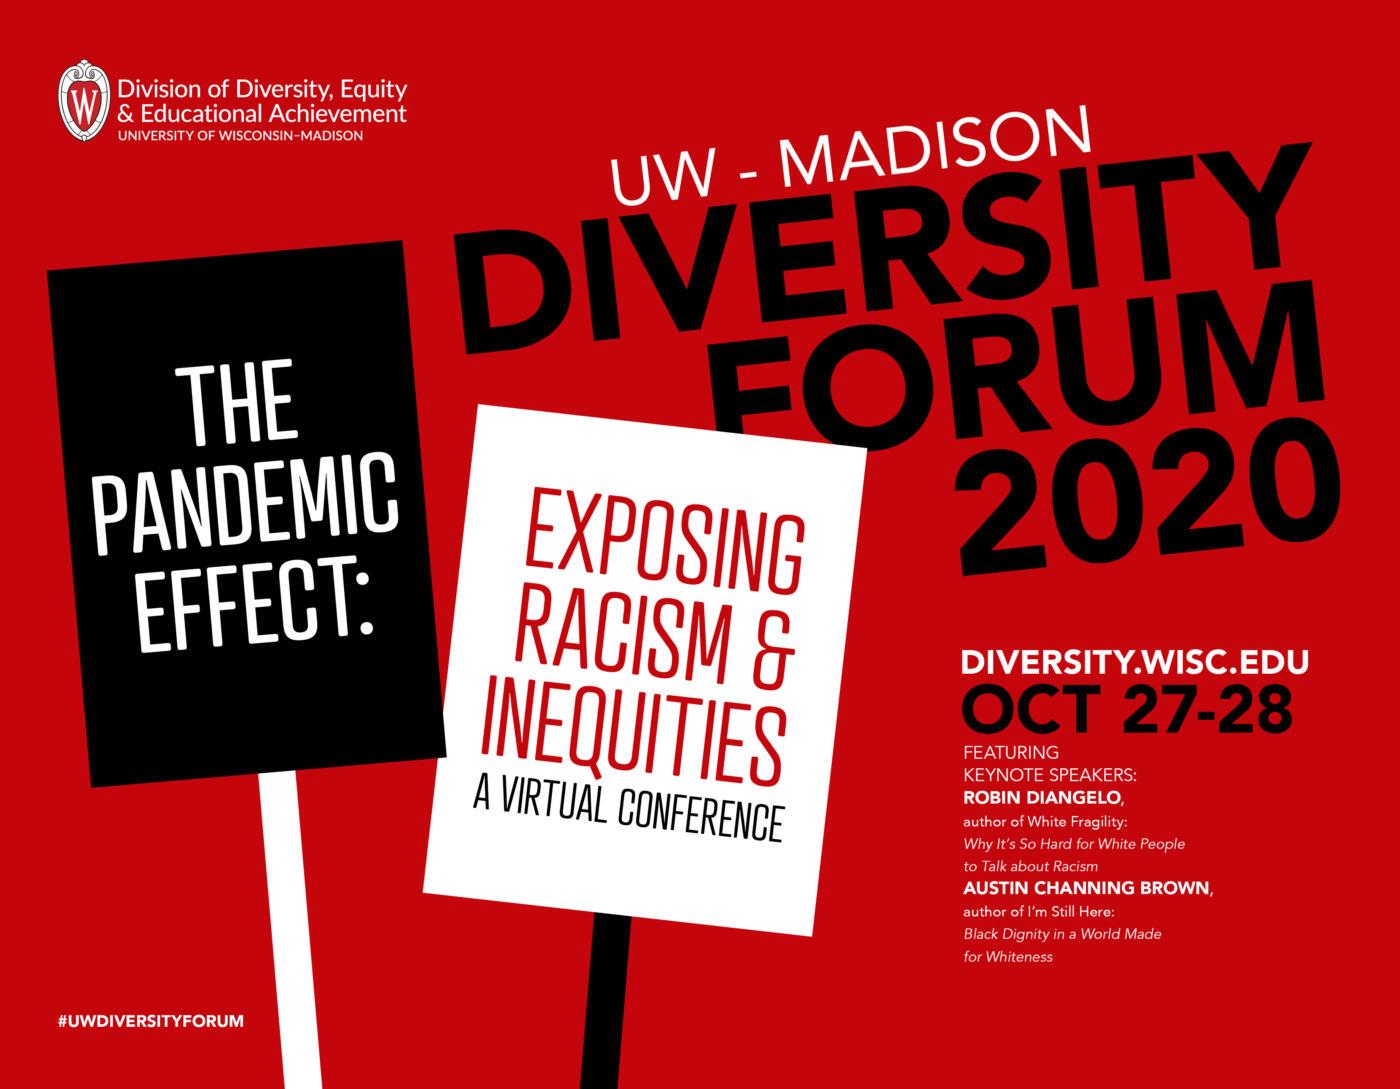 El efecto de la pandemia: exponer el racismo y las desigualdades